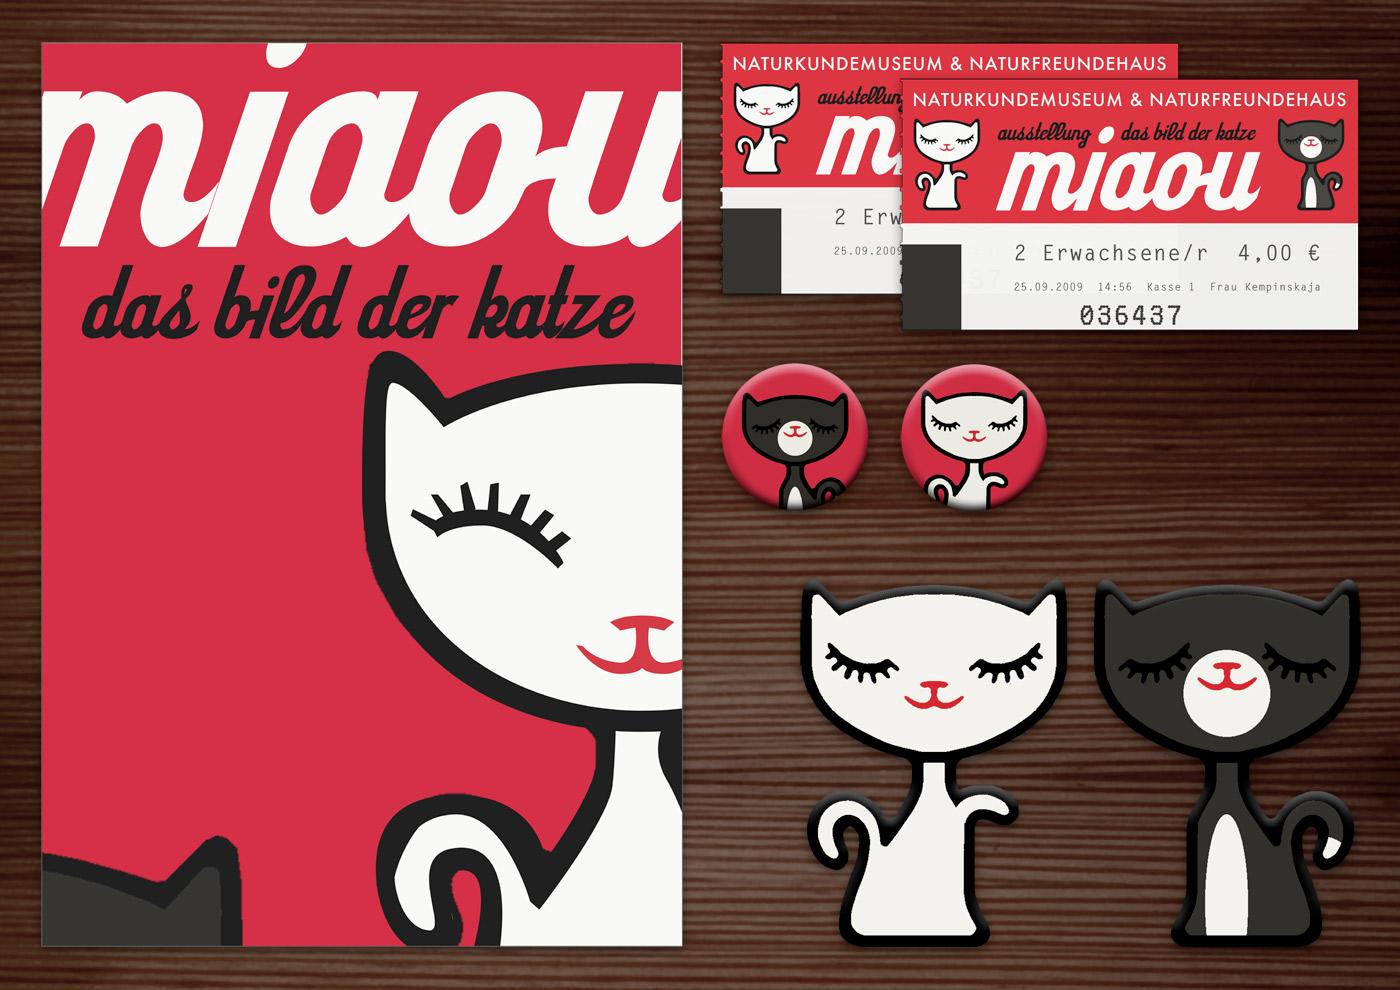 Corporate Identity, Logo und Grafik Design für Werbung, Schilder, Poster, Postkarten, Flyer, Eintrittskarten und Buttons für die Ausstellung Das Bild der Katze in Lily Lux Naturkundemuseum